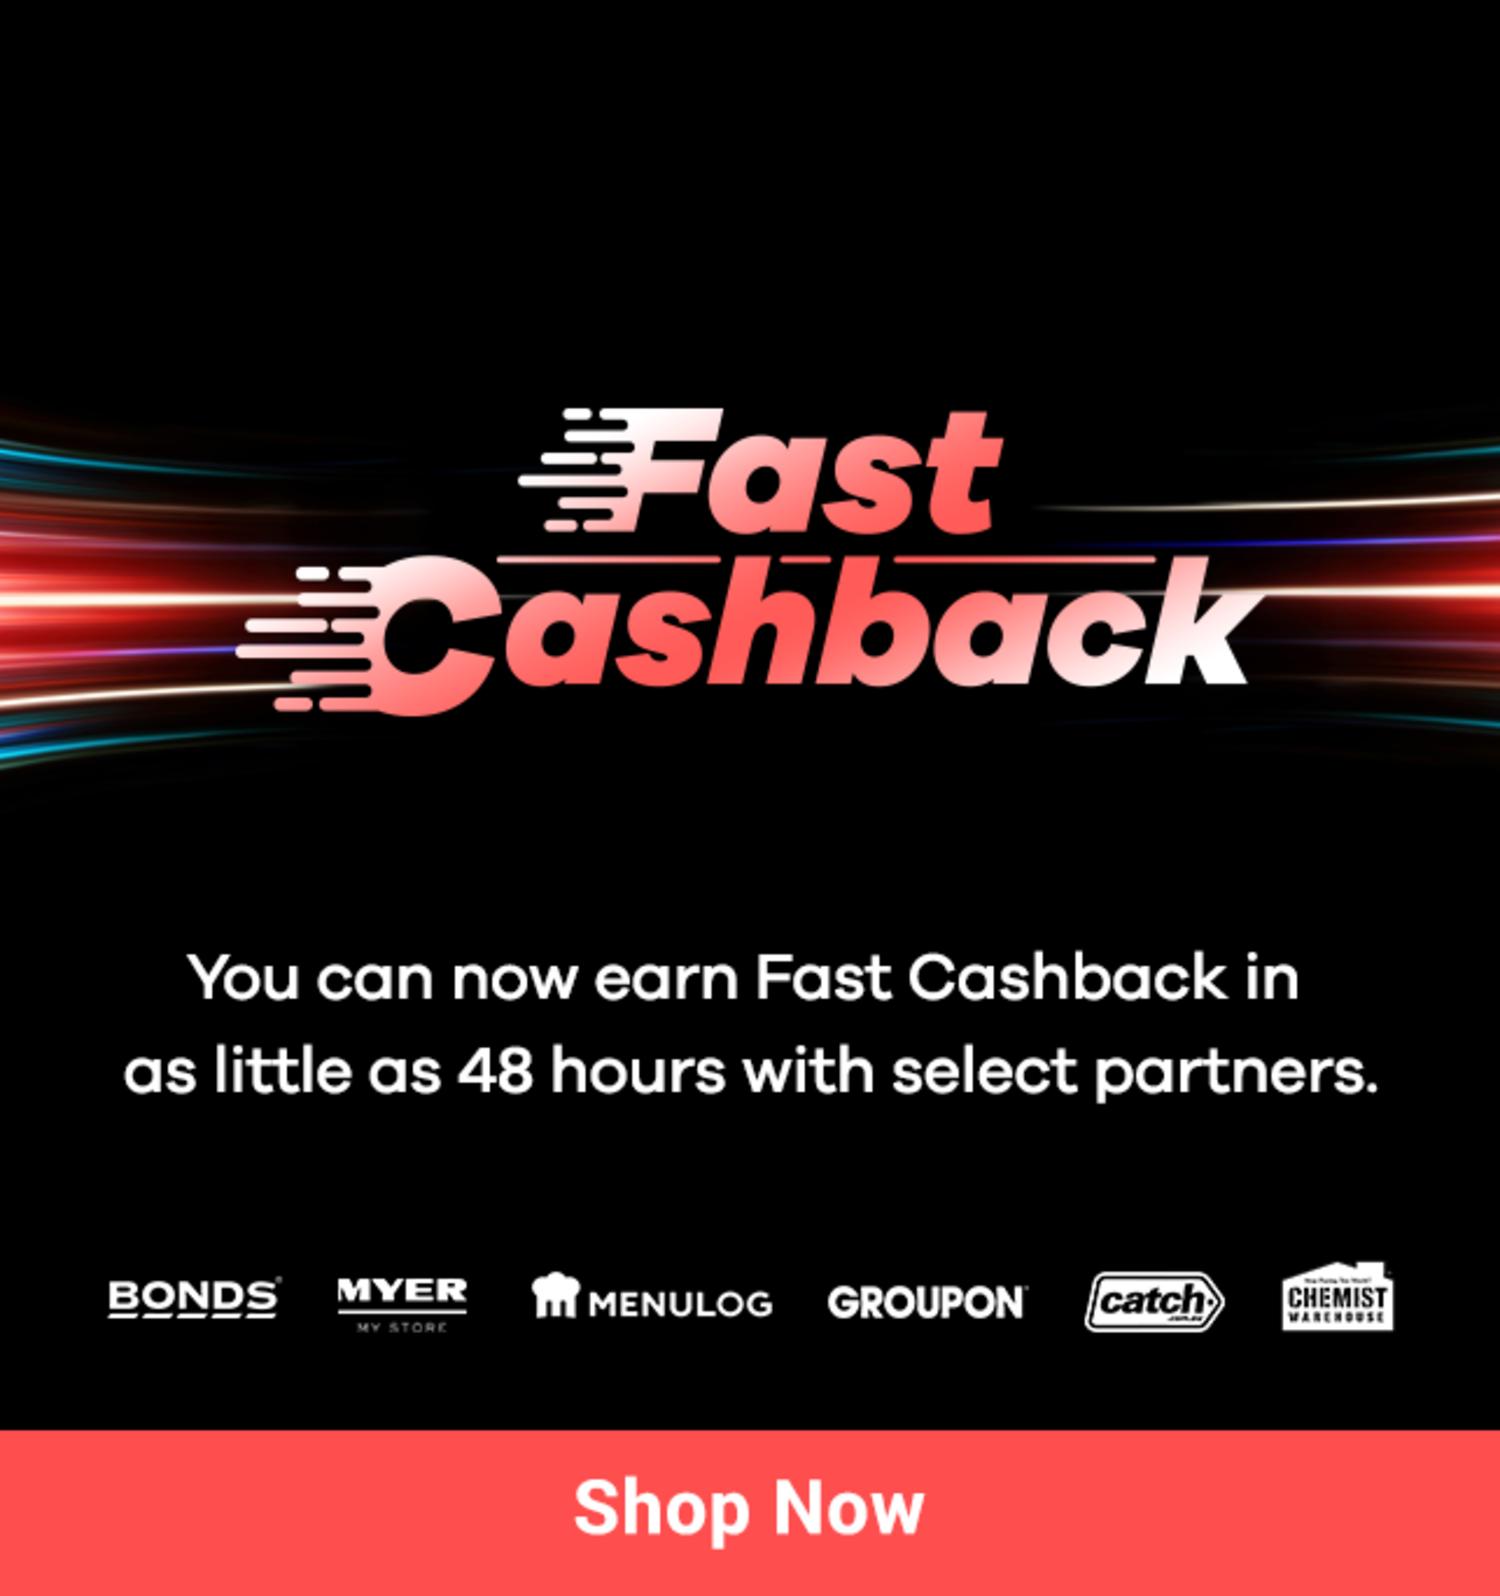 Fast Cashback